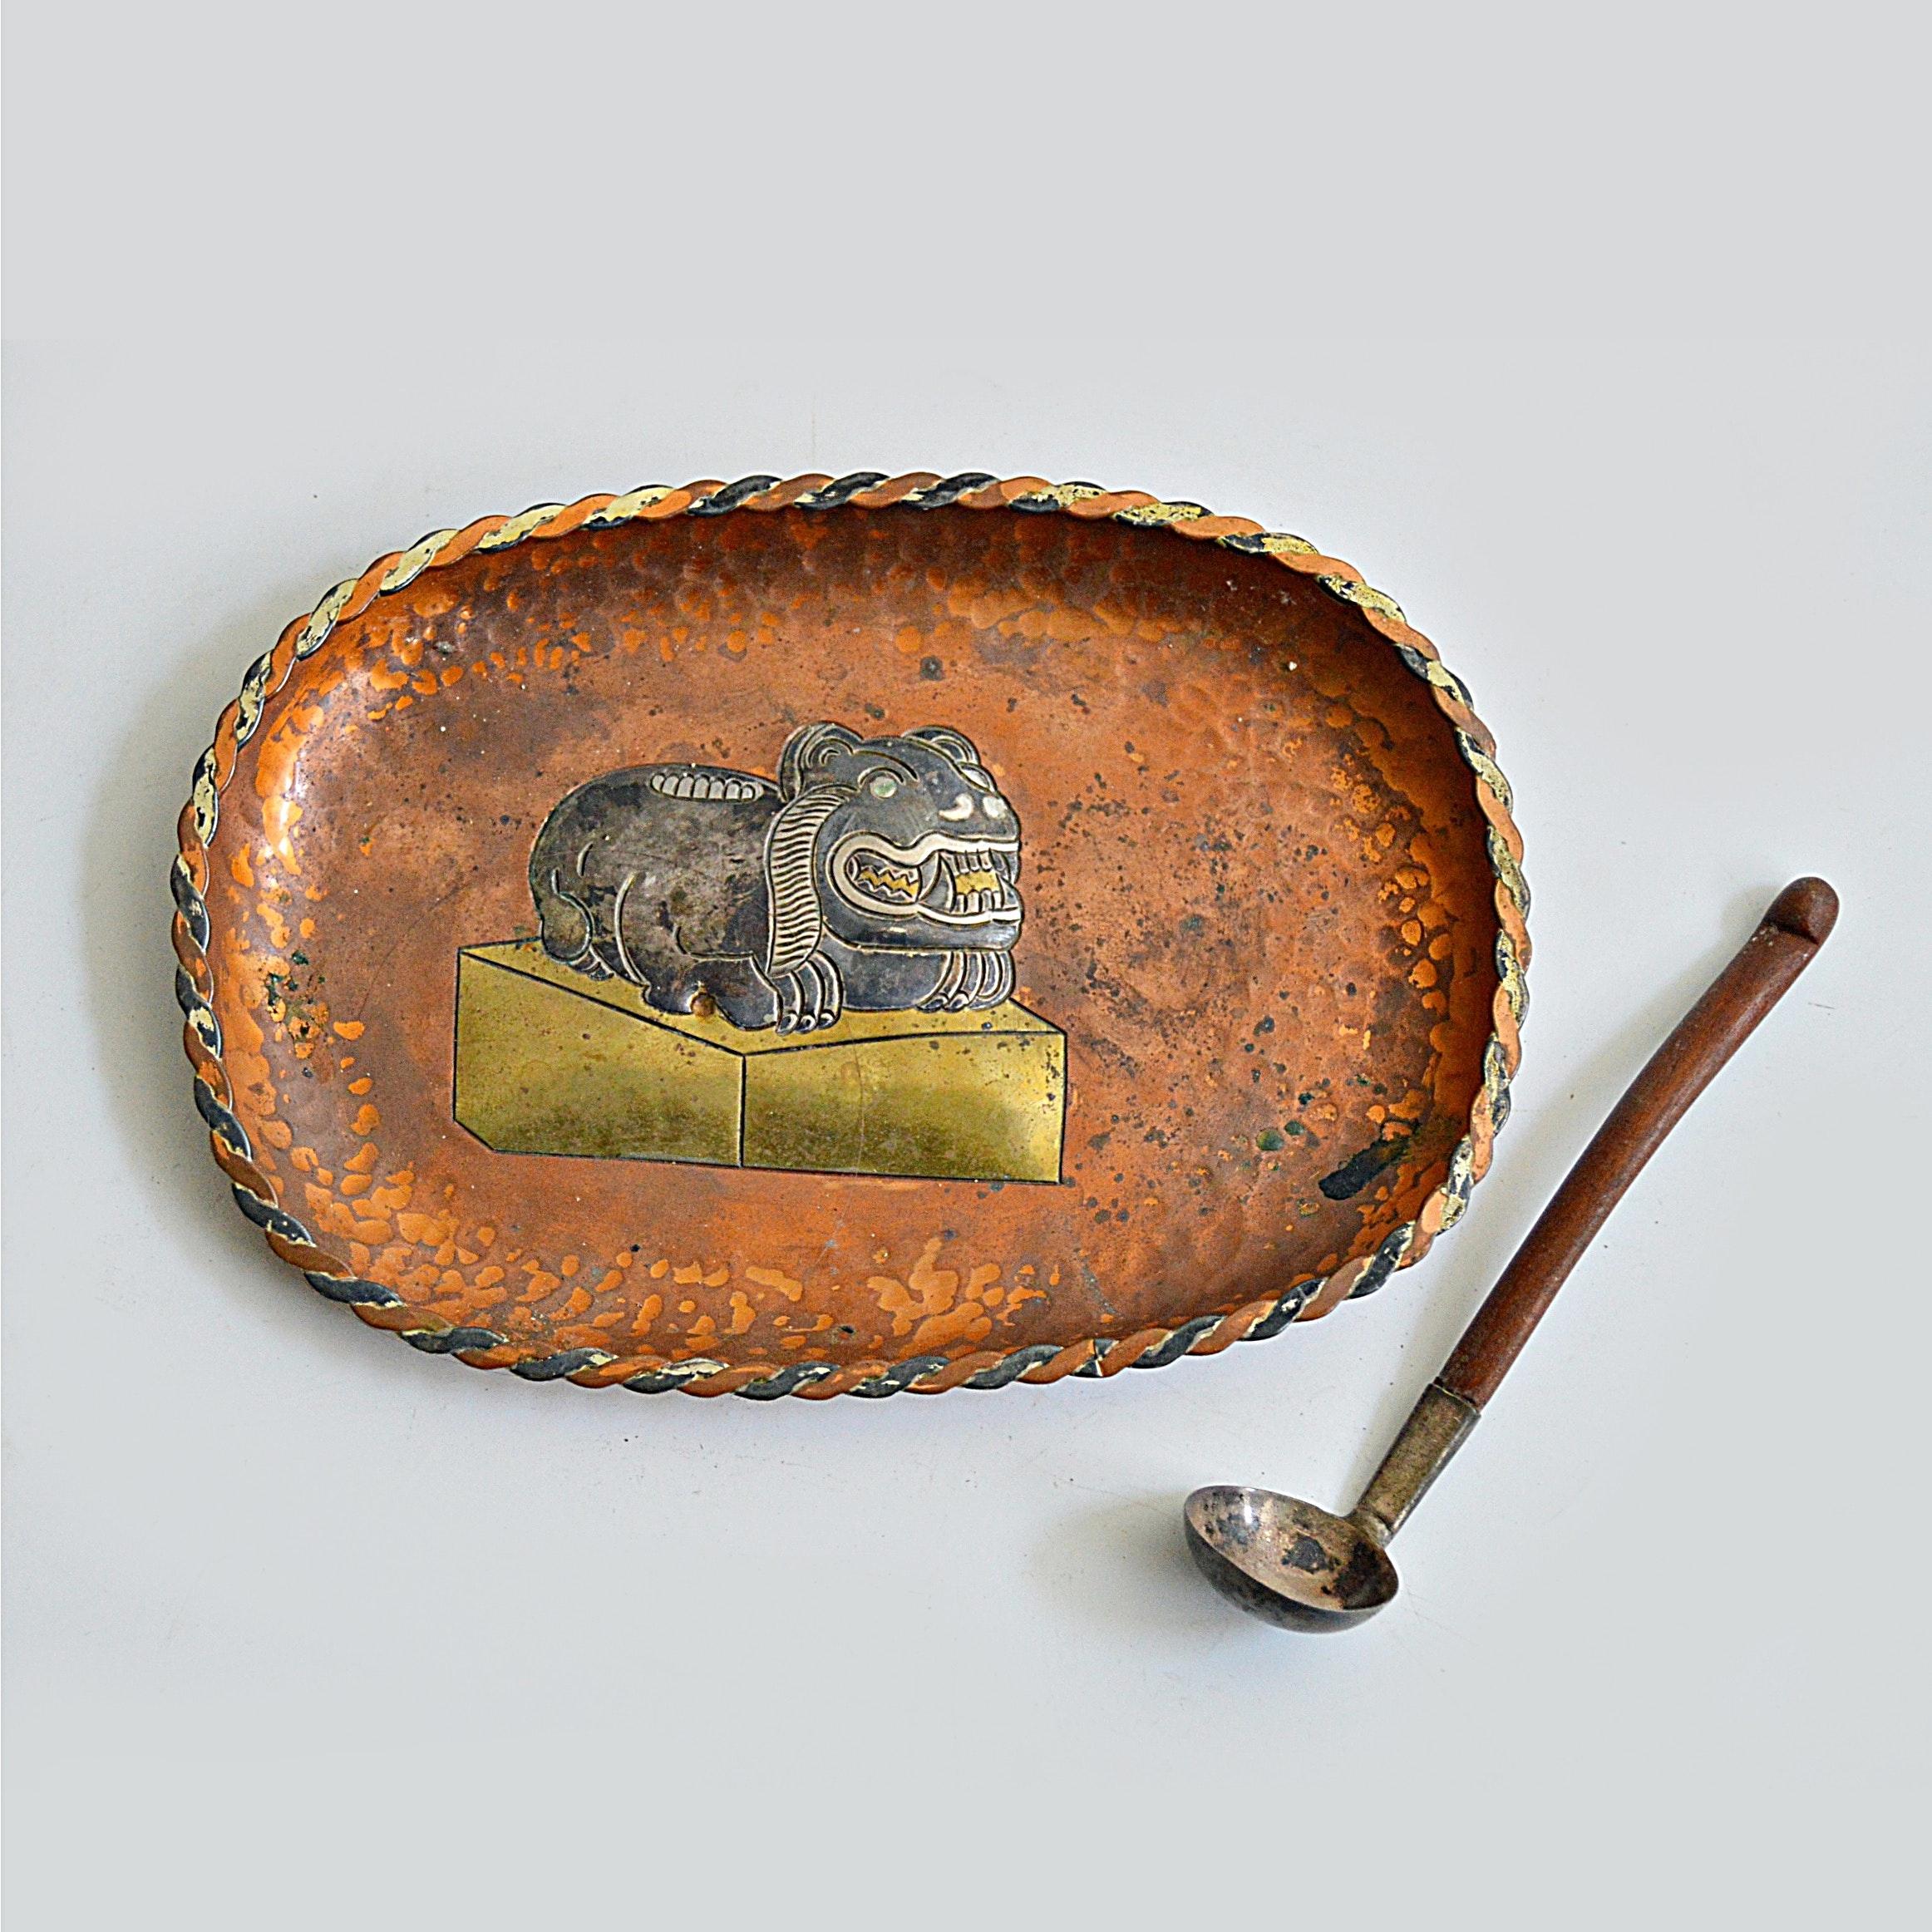 Taxco Victoria by Ana Nunez Brilanti Metales Casados Copper Tray with Spoon